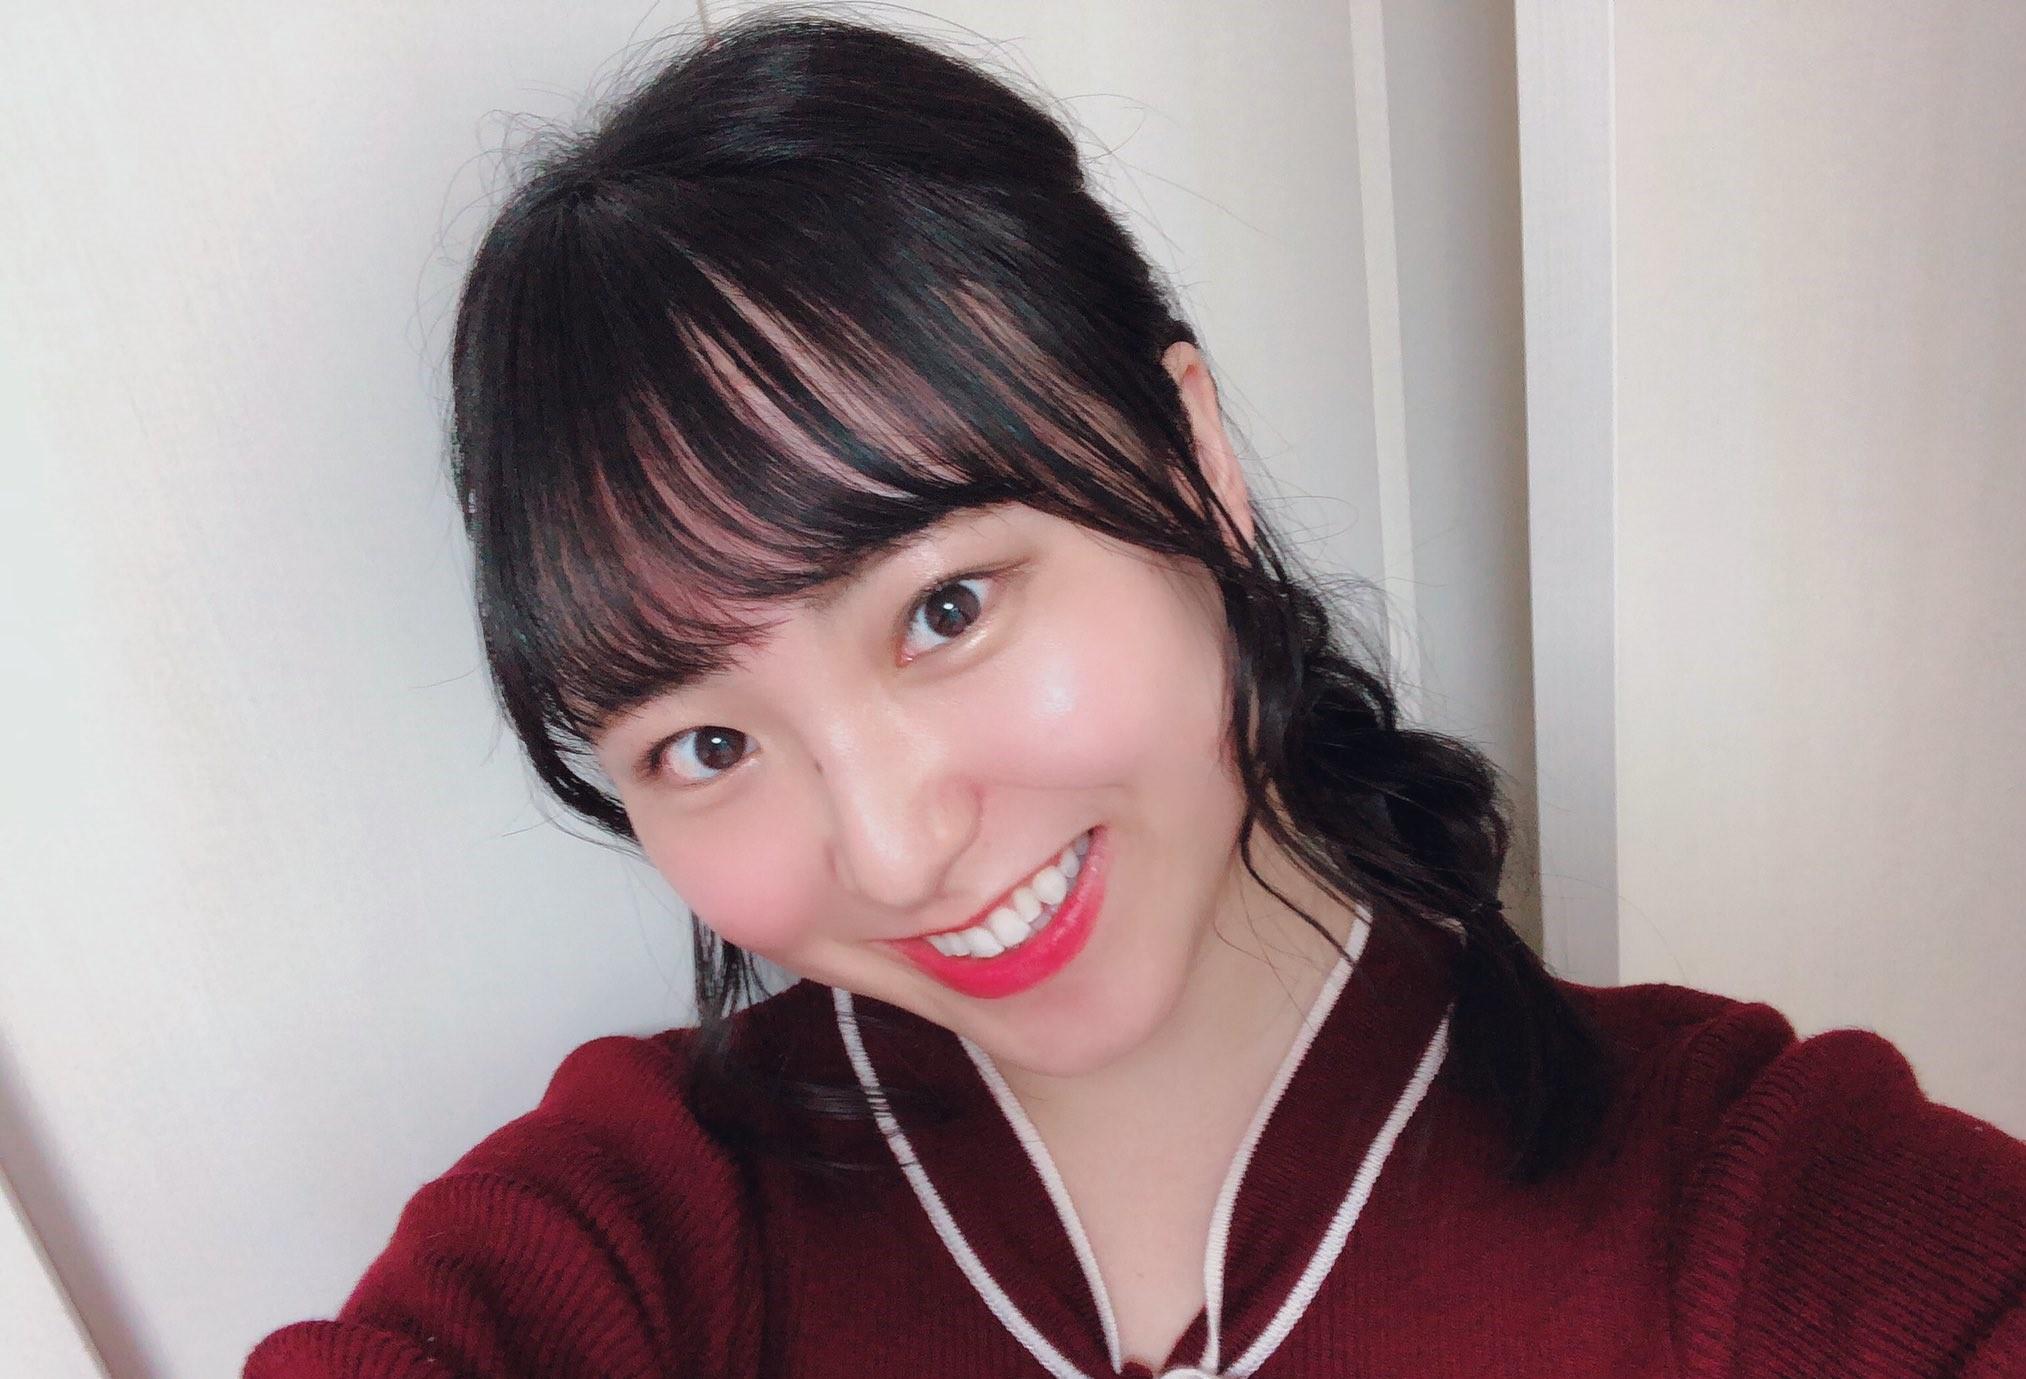 竹花有紗ミスヤングチャンピオン候補者に!画像やWiki風プロフ